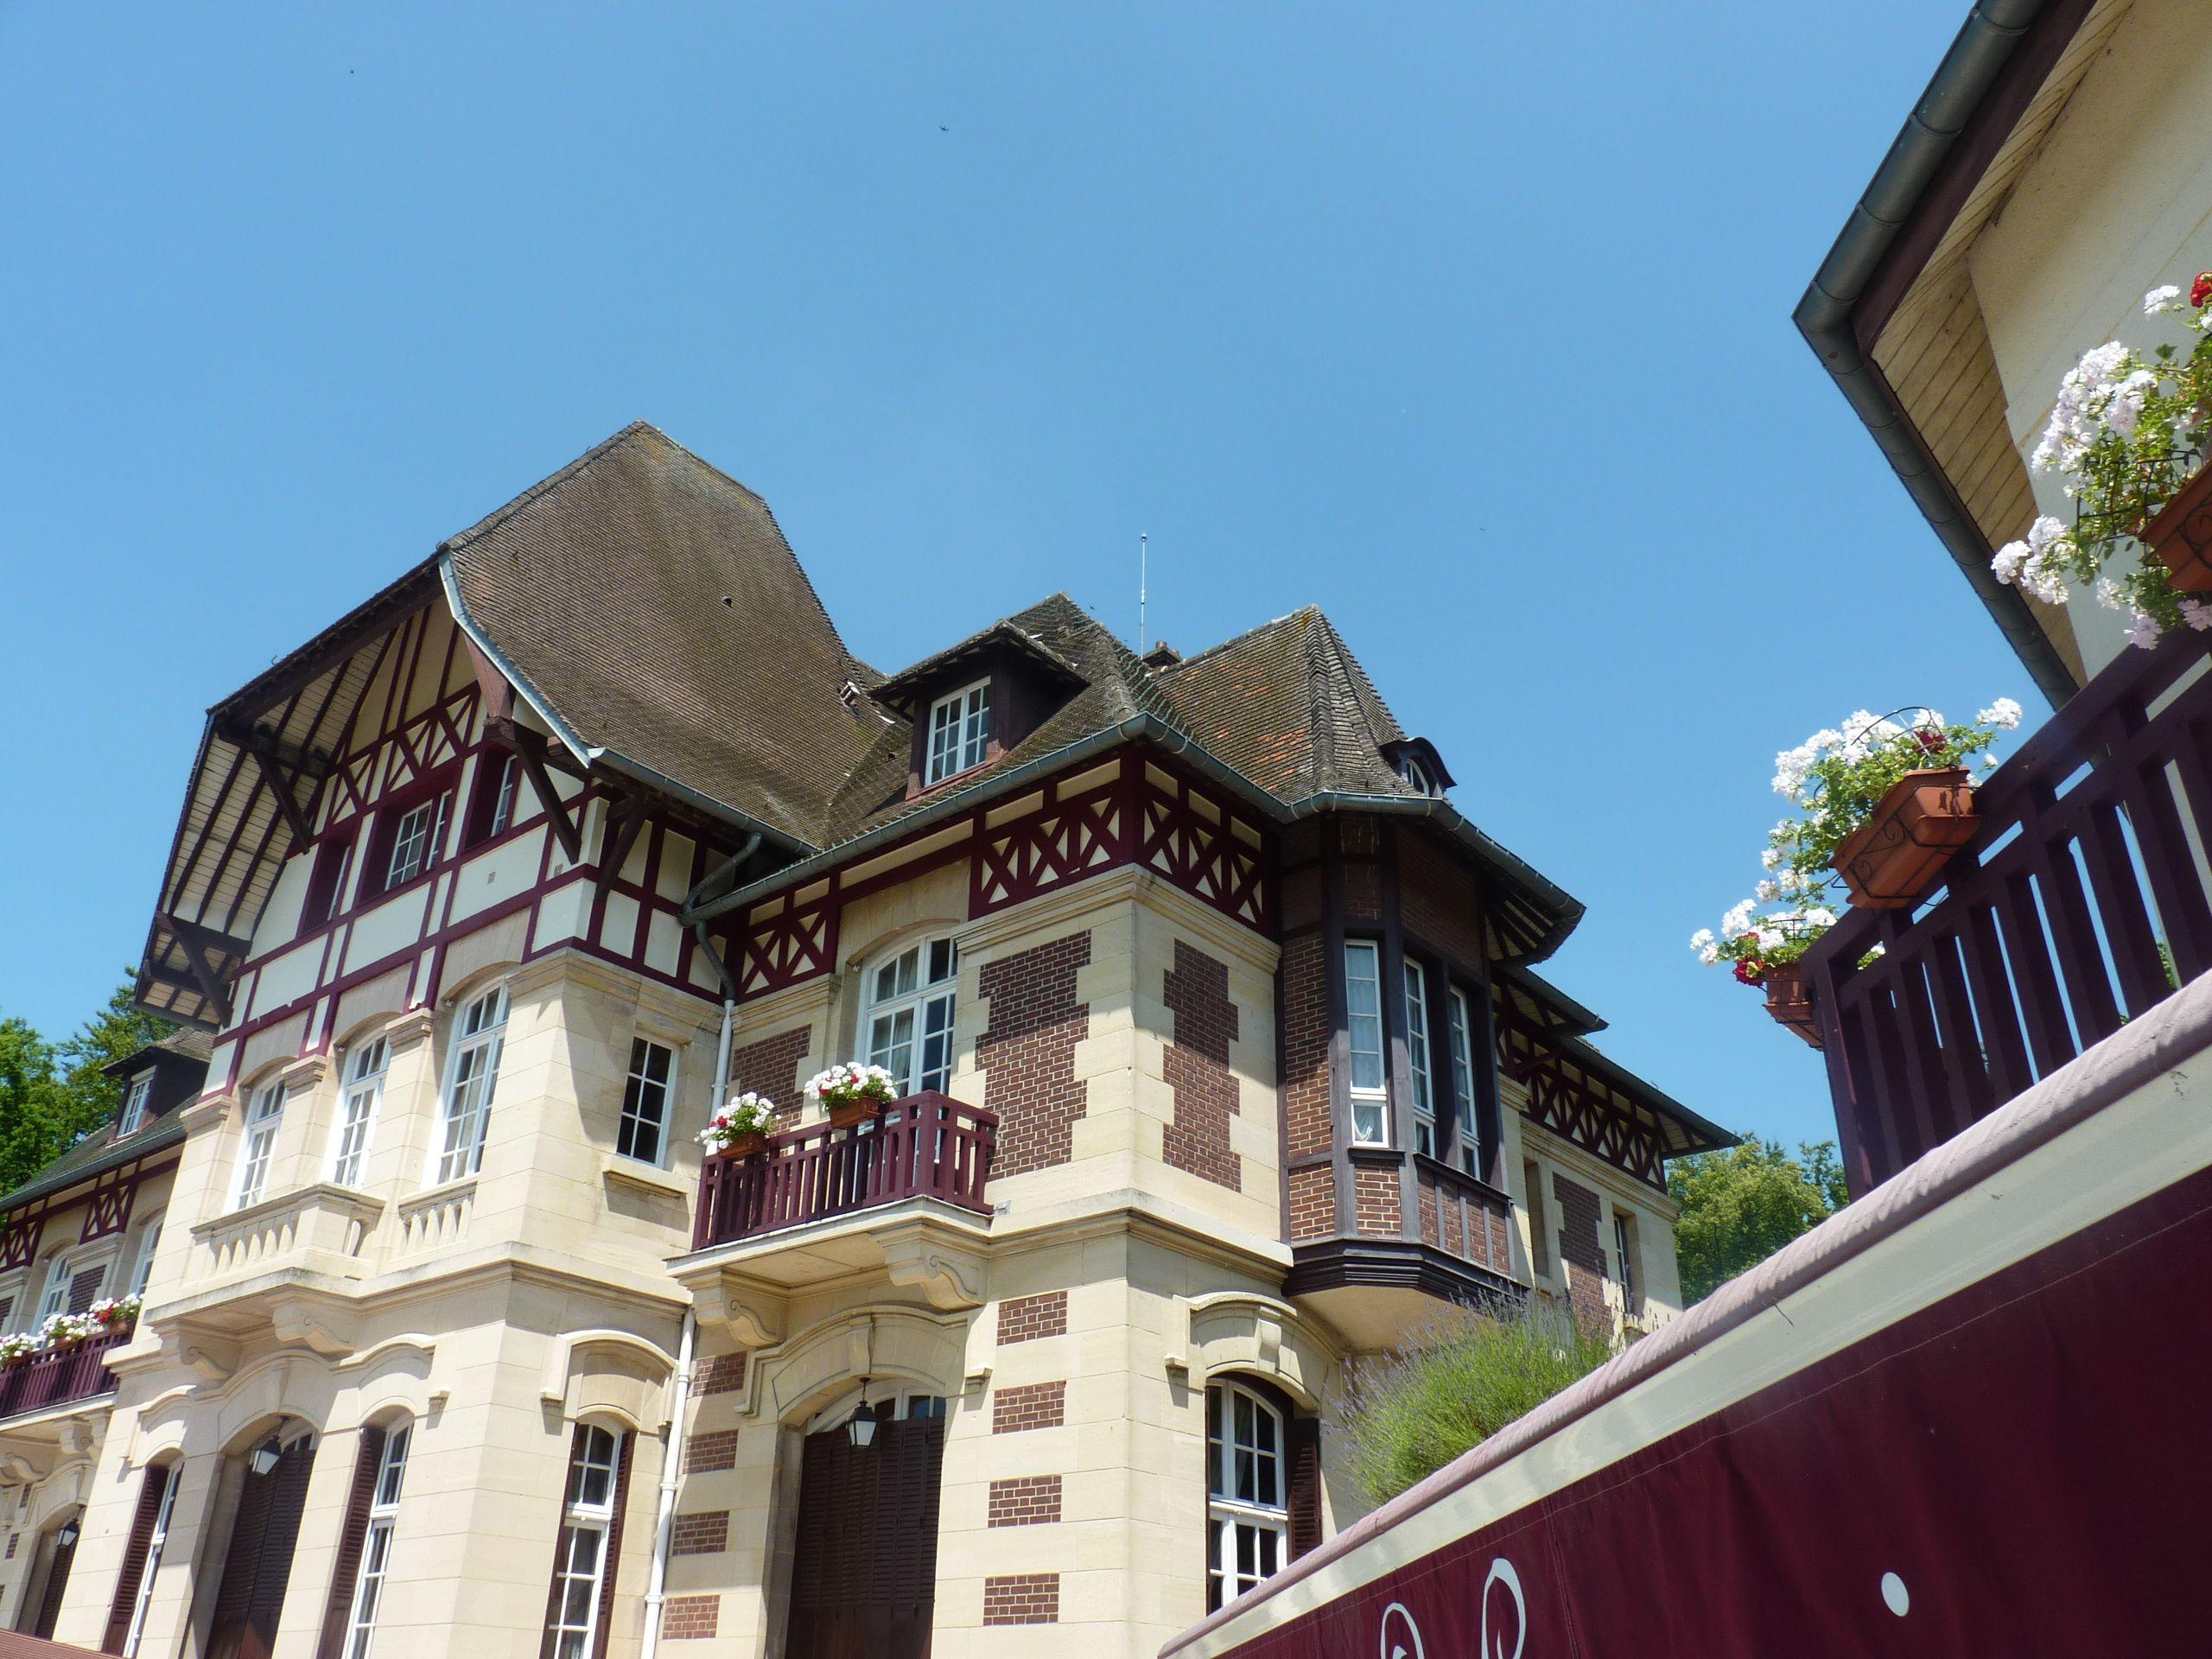 Ch¢teau de la Tour Chantilly France hateaudelatour